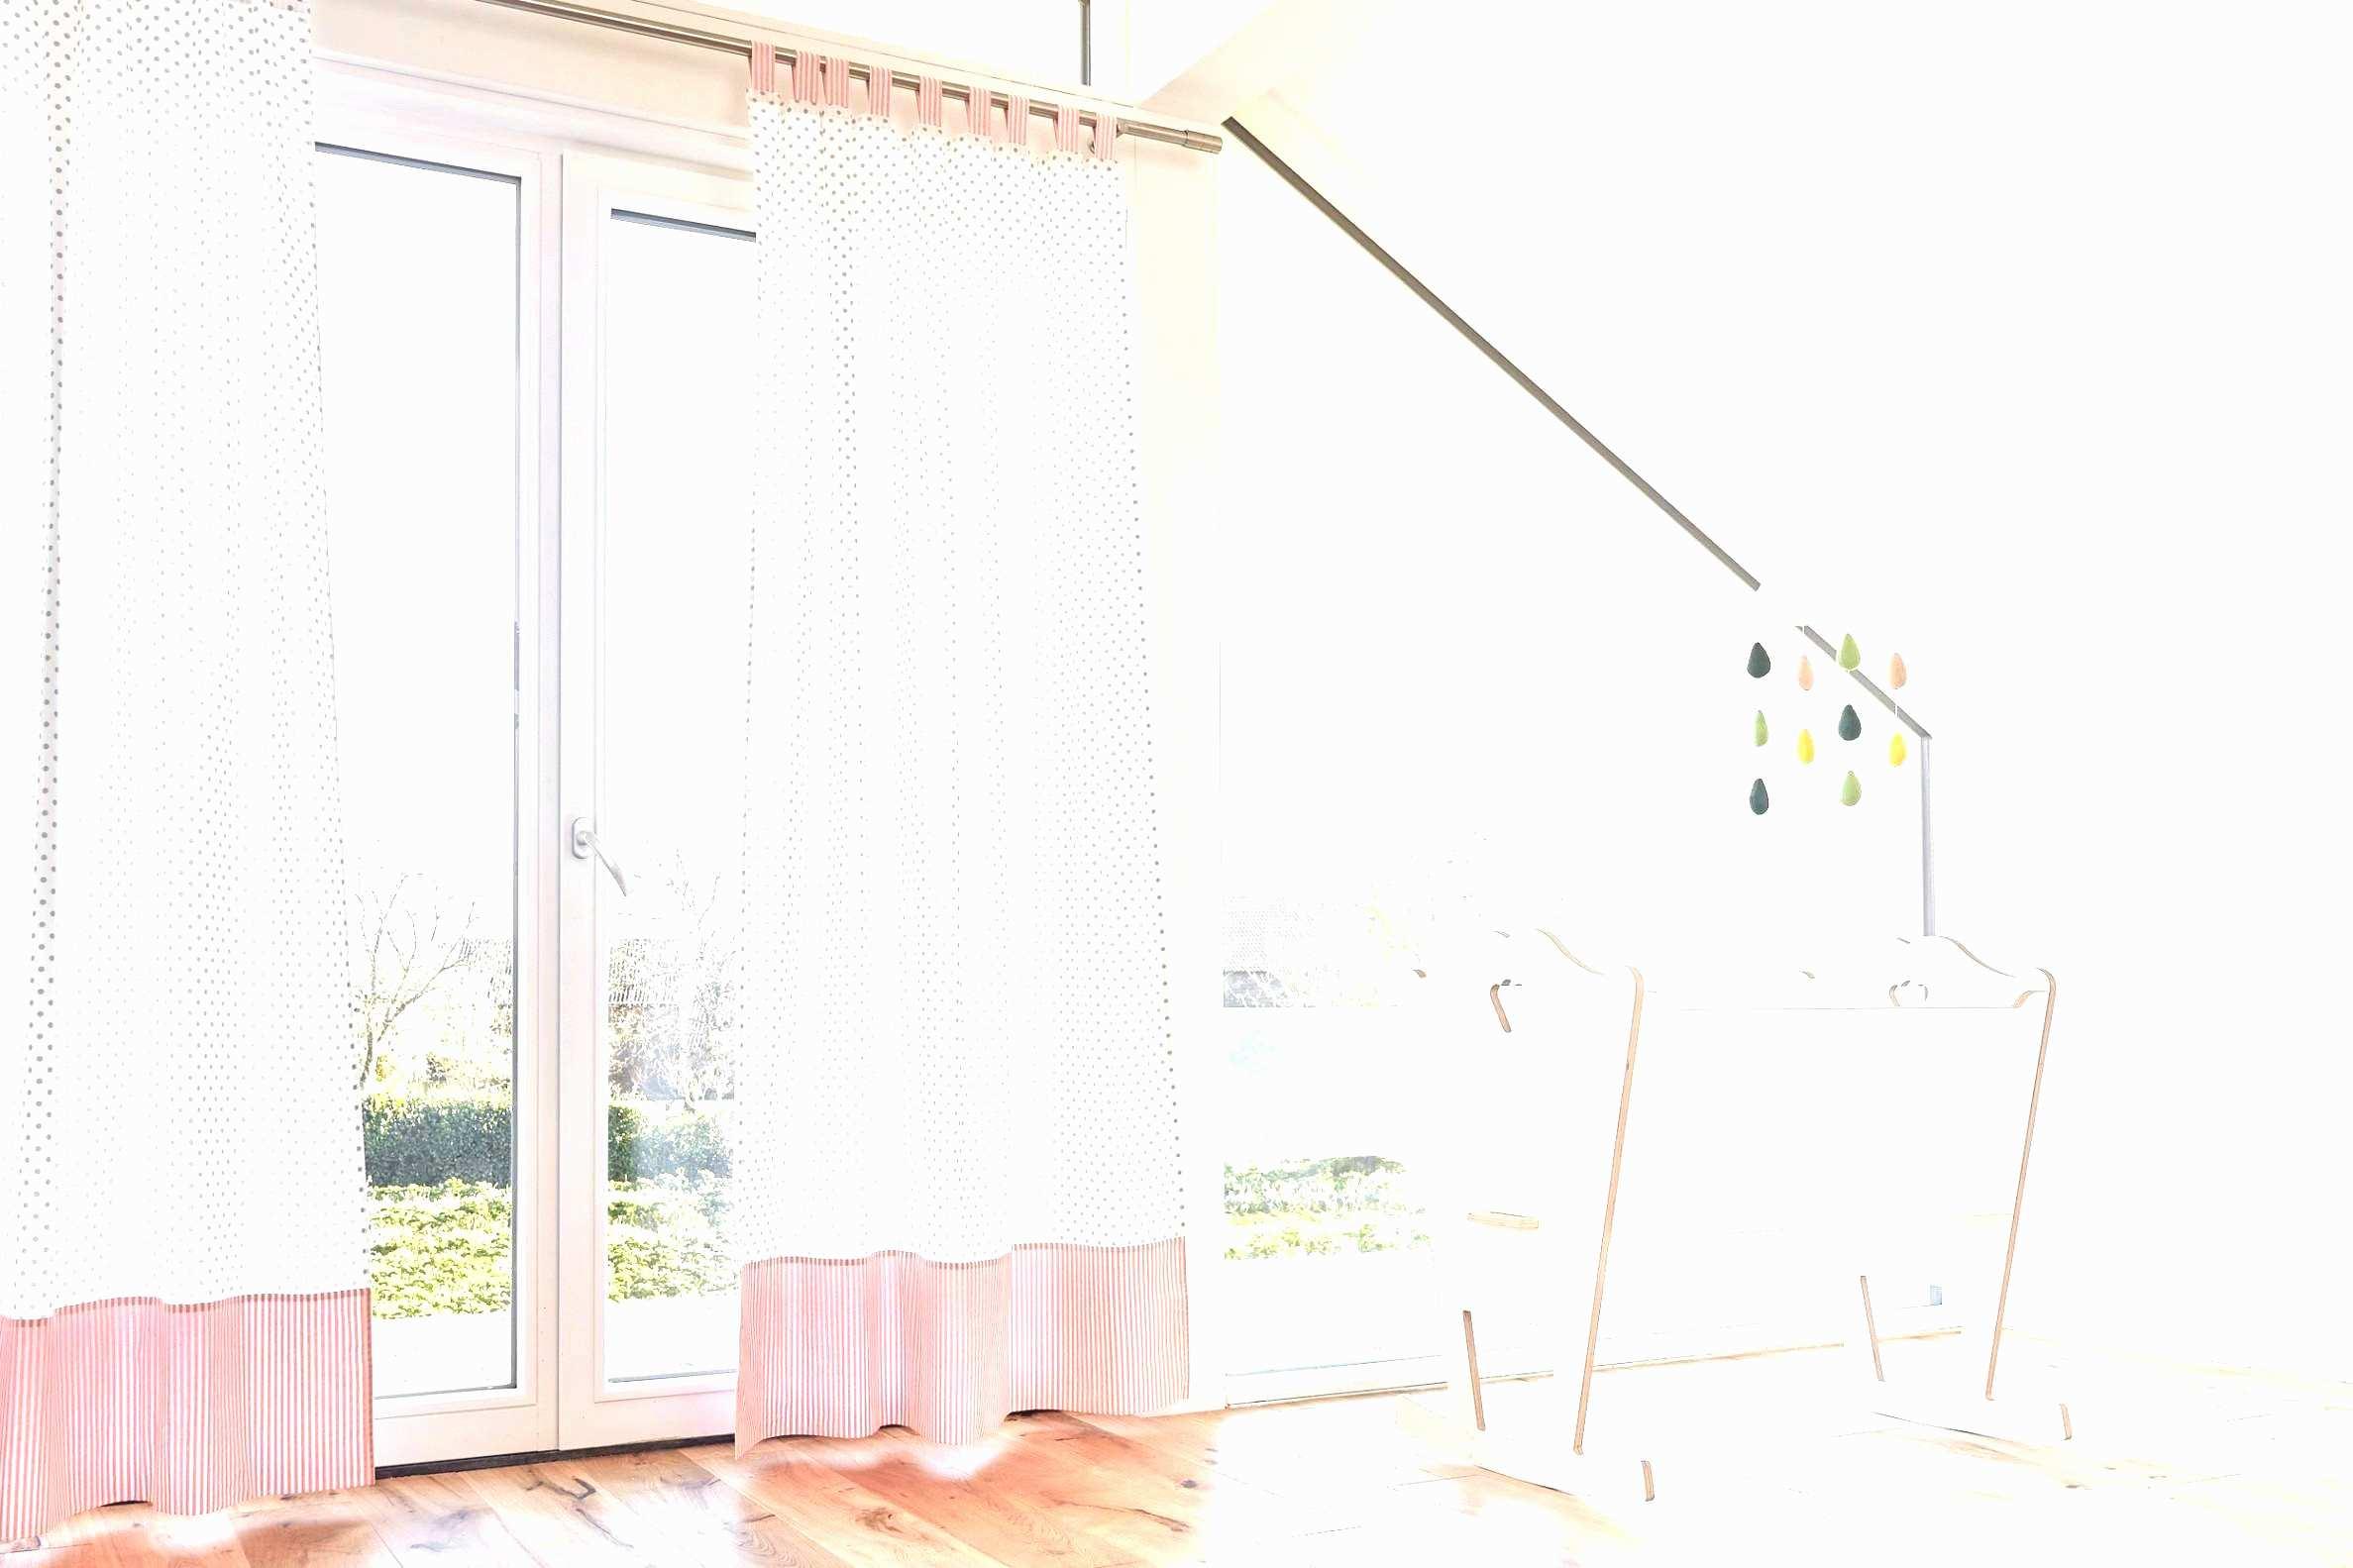 Full Size of Bonprix Gardinen Querbehang Für Die Küche Scheibengardinen Schlafzimmer Fenster Wohnzimmer Betten Wohnzimmer Bonprix Gardinen Querbehang